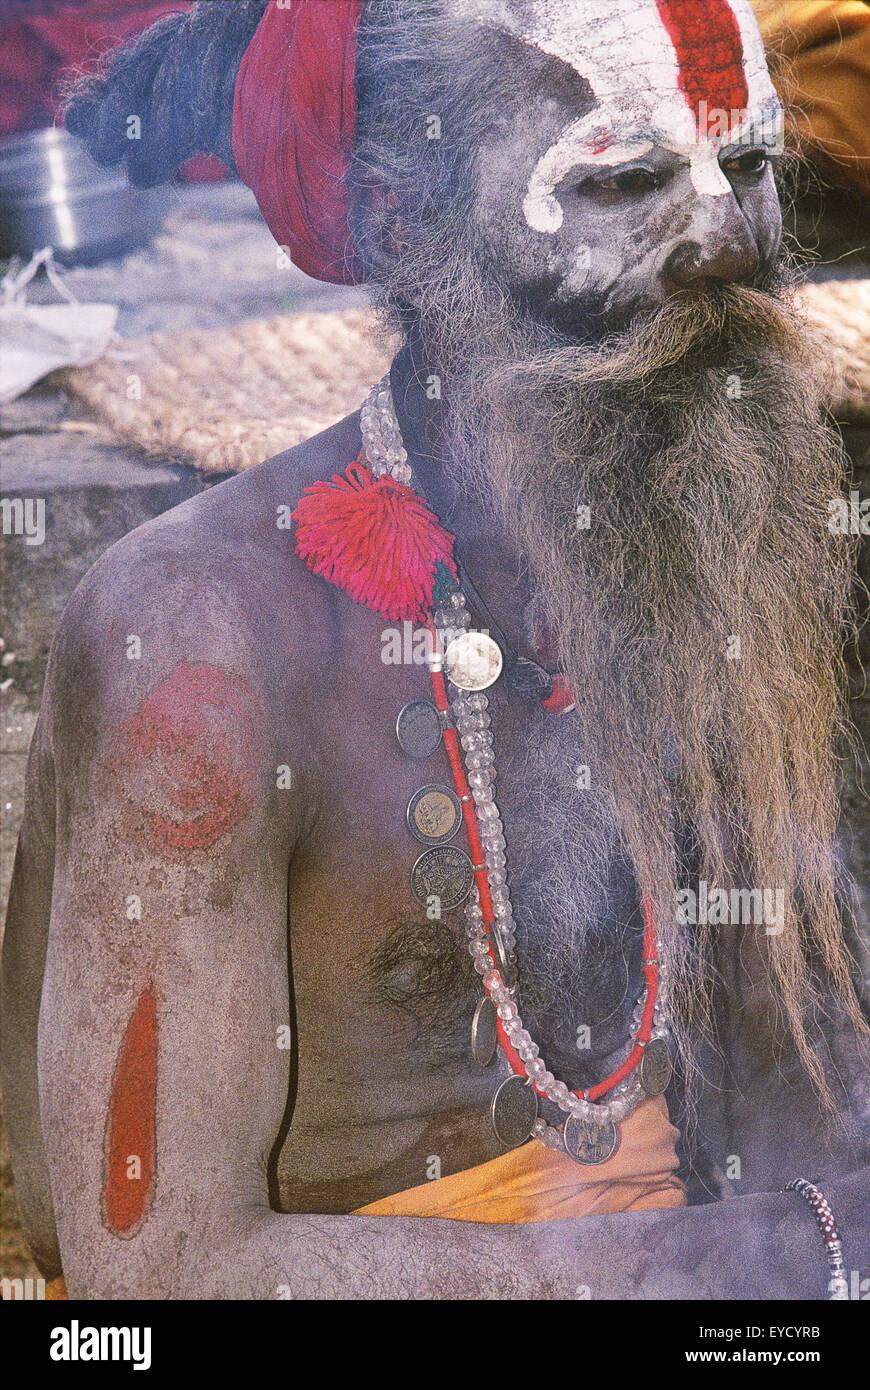 Portrait of a Holy man, Pashupatinath, Katmandu, Nepal, Asia Stock Photo